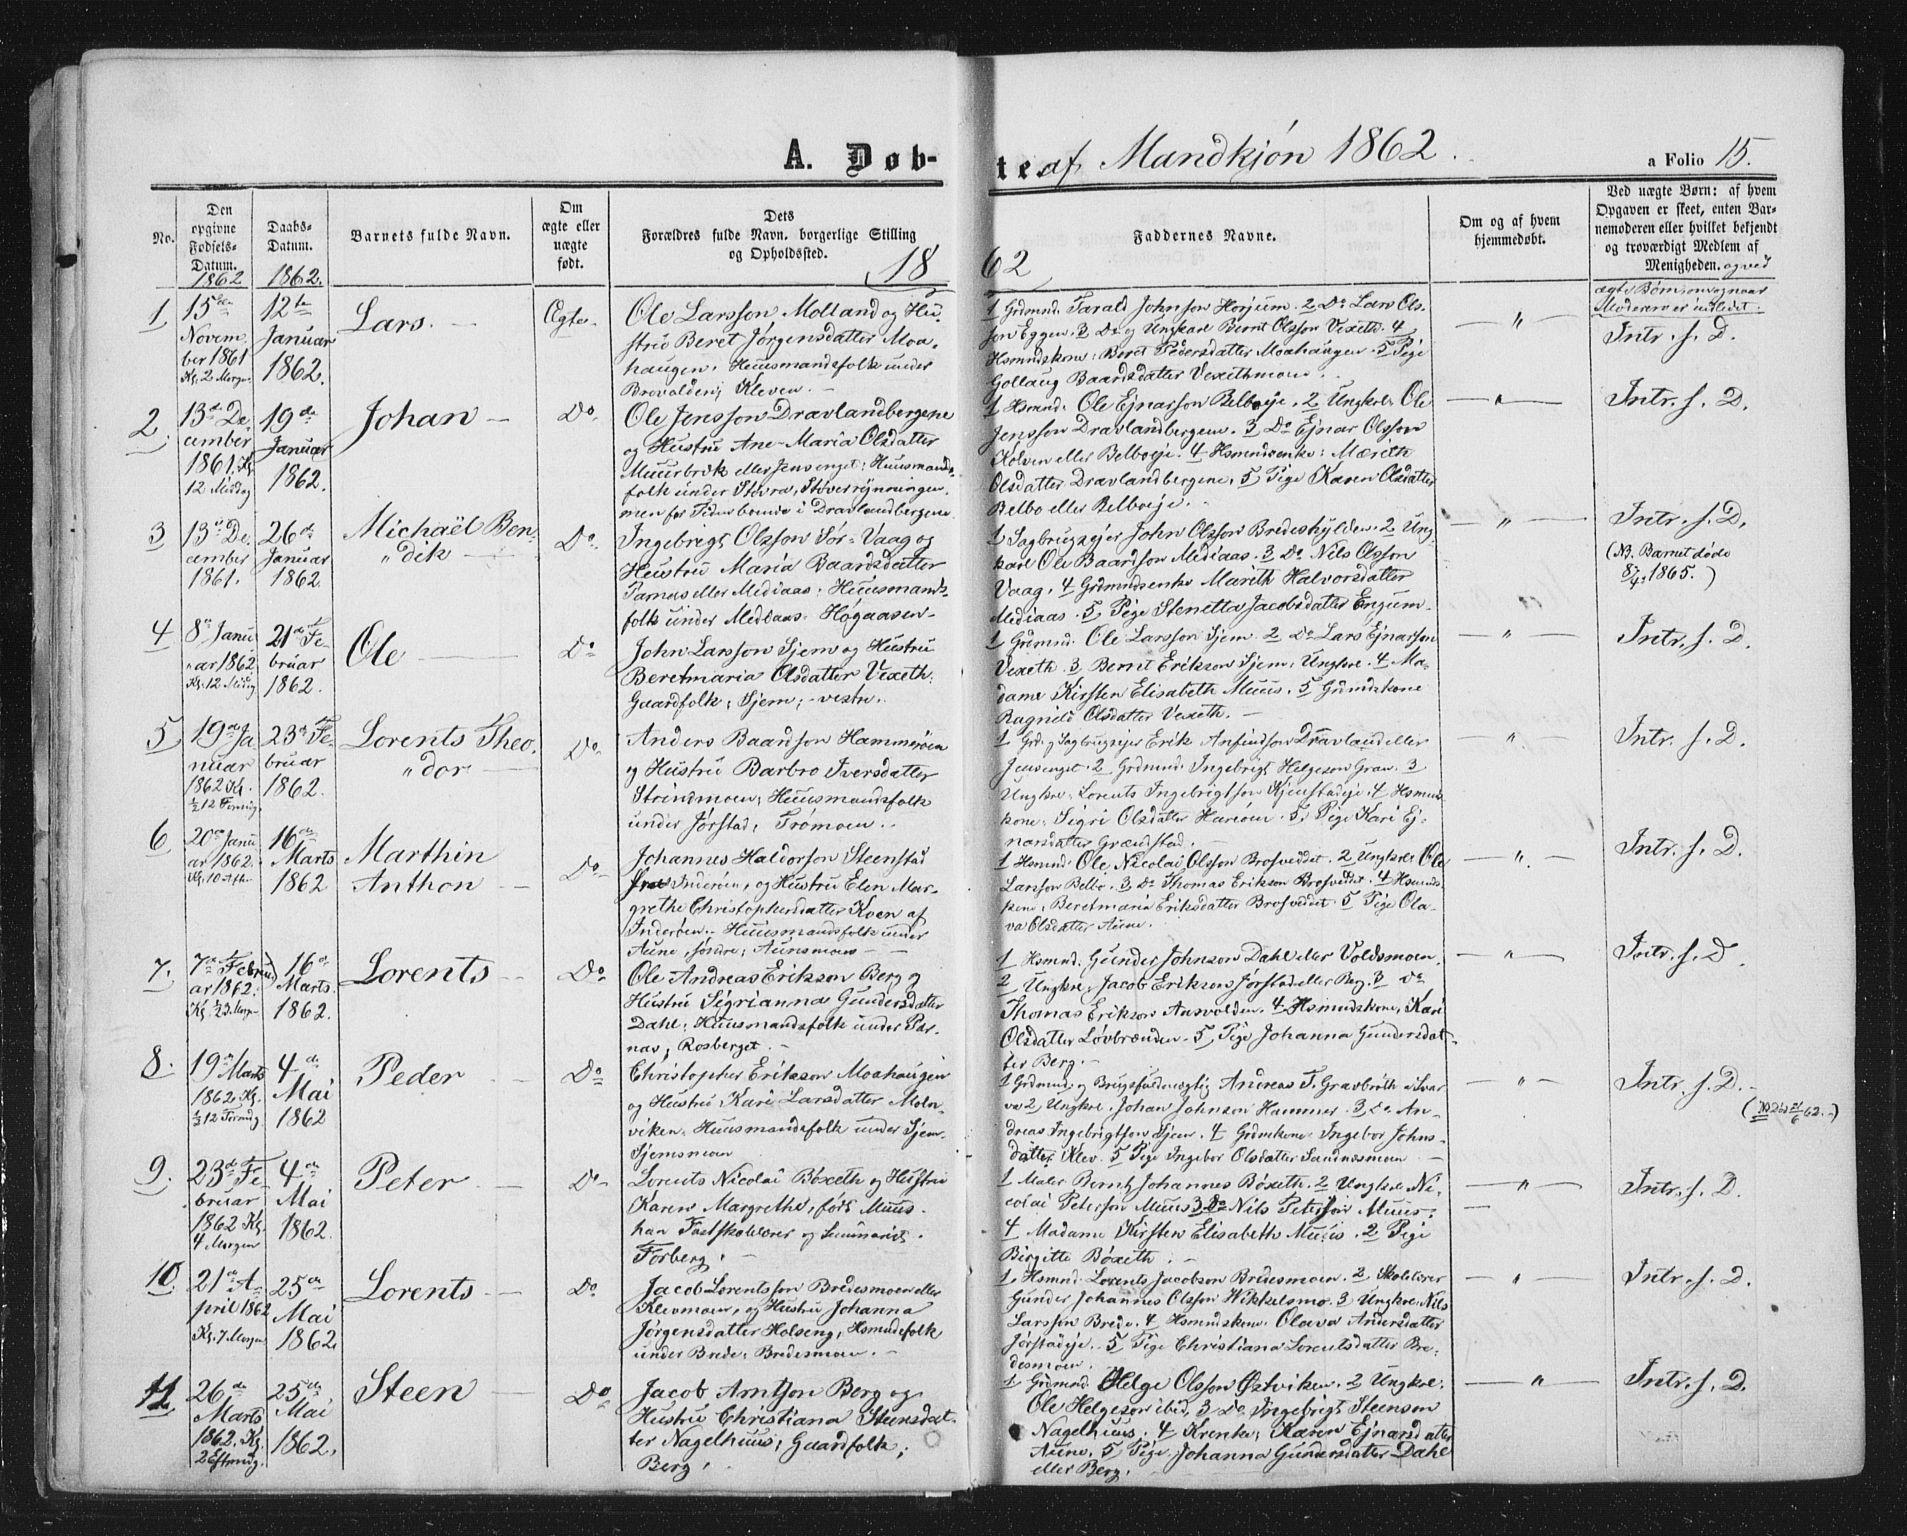 SAT, Ministerialprotokoller, klokkerbøker og fødselsregistre - Nord-Trøndelag, 749/L0472: Ministerialbok nr. 749A06, 1857-1873, s. 15